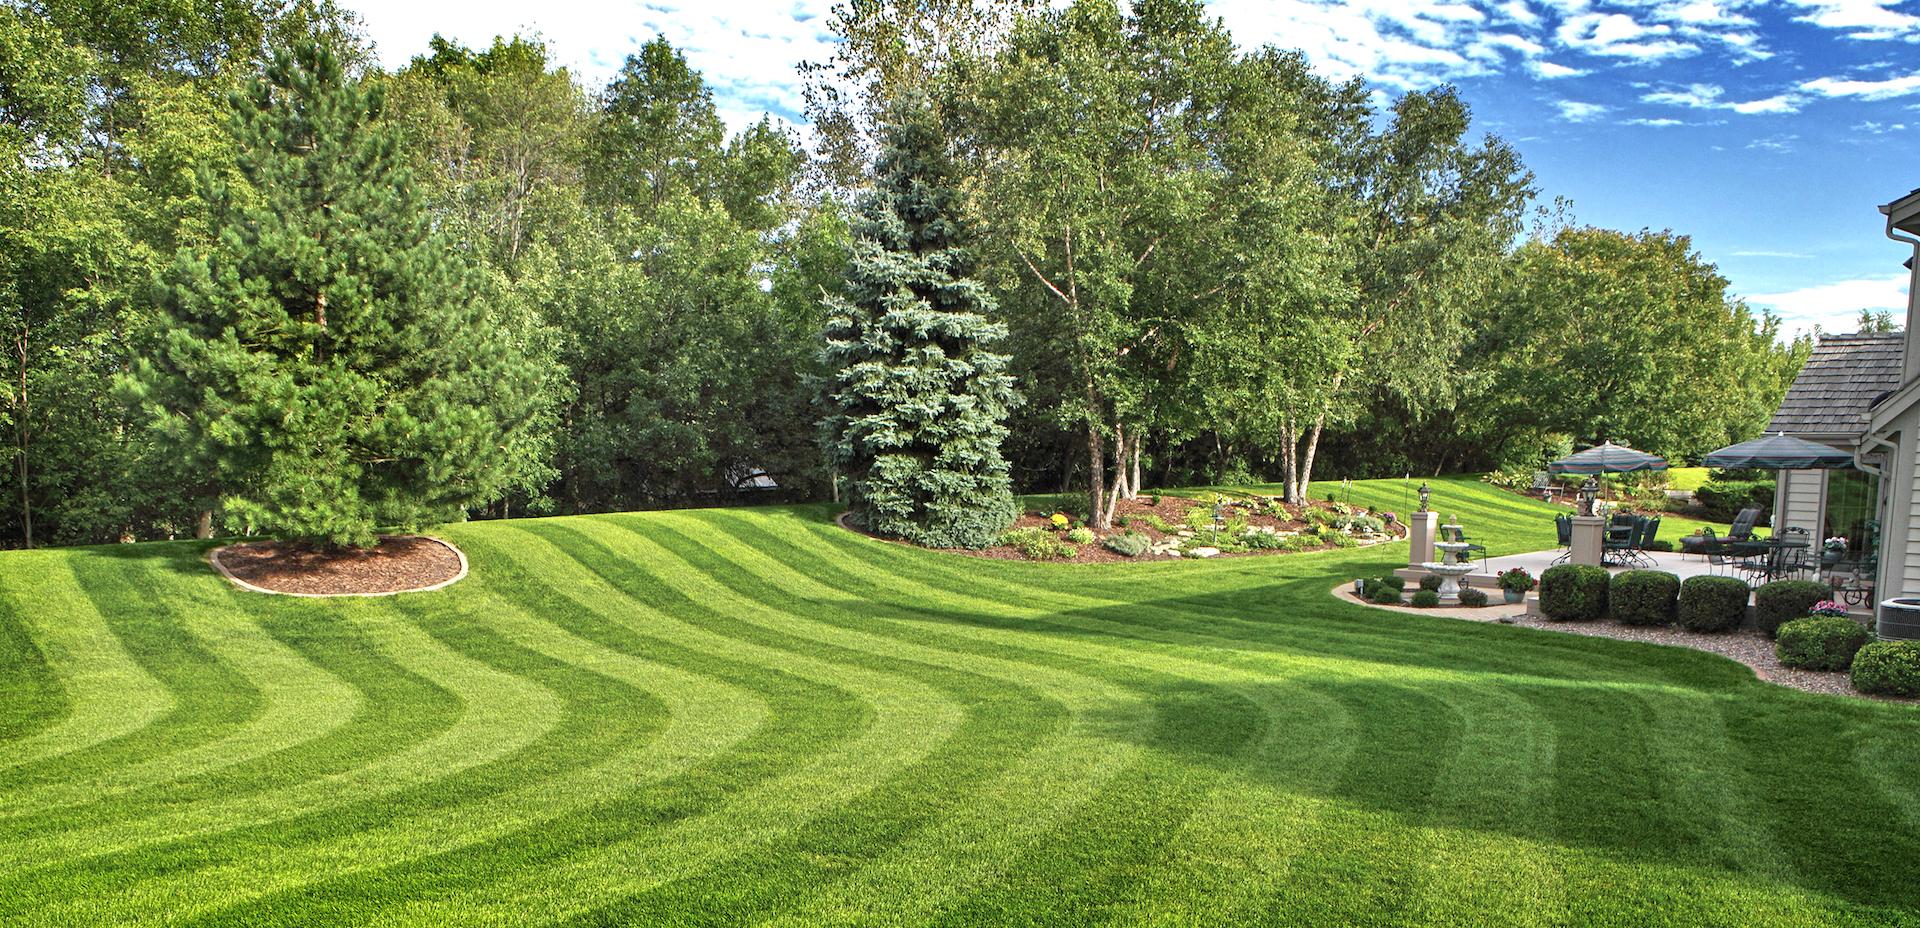 Lawncare Mount Juliet Tn Lawn Services Maintenance Wilson County